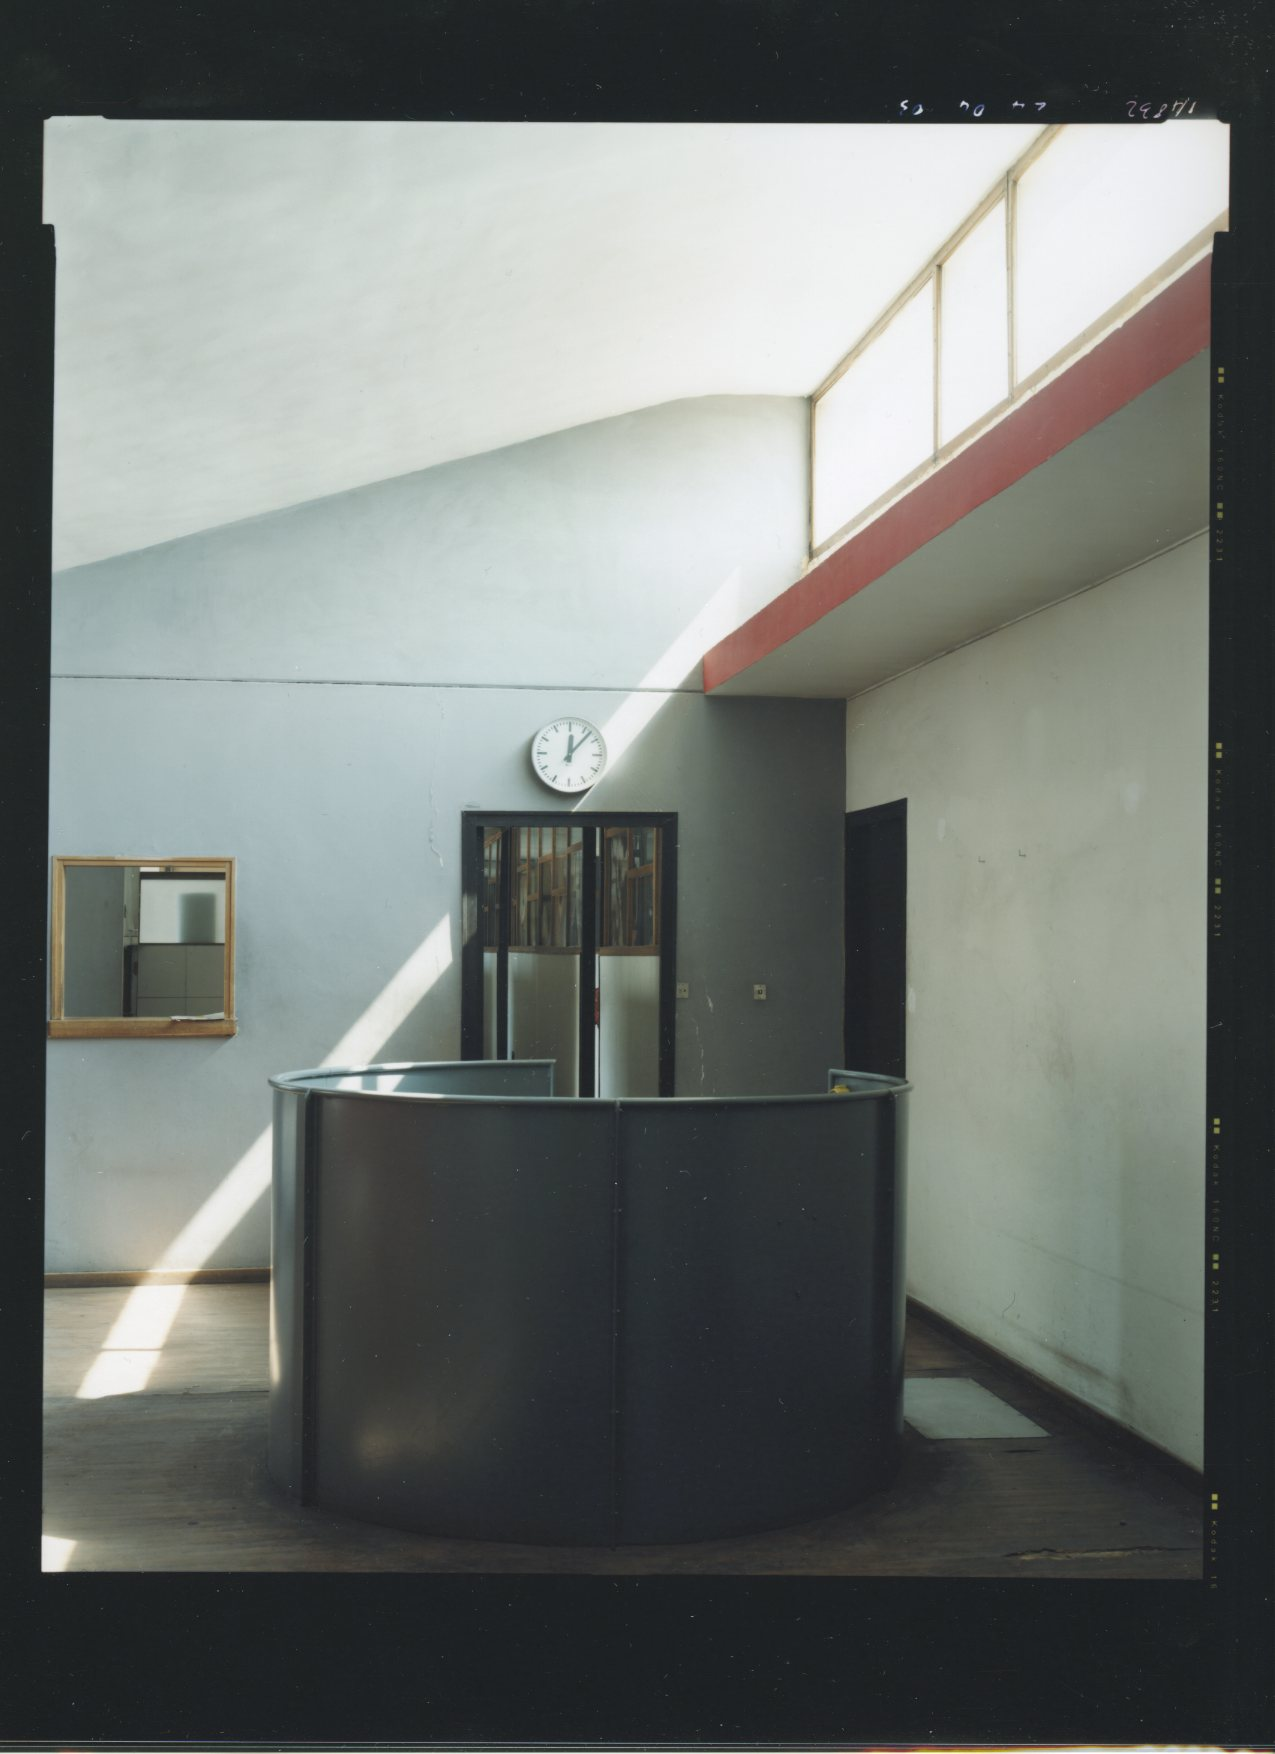 1. Guido Guidi, Le Corbusier, Usine Duval, 2003